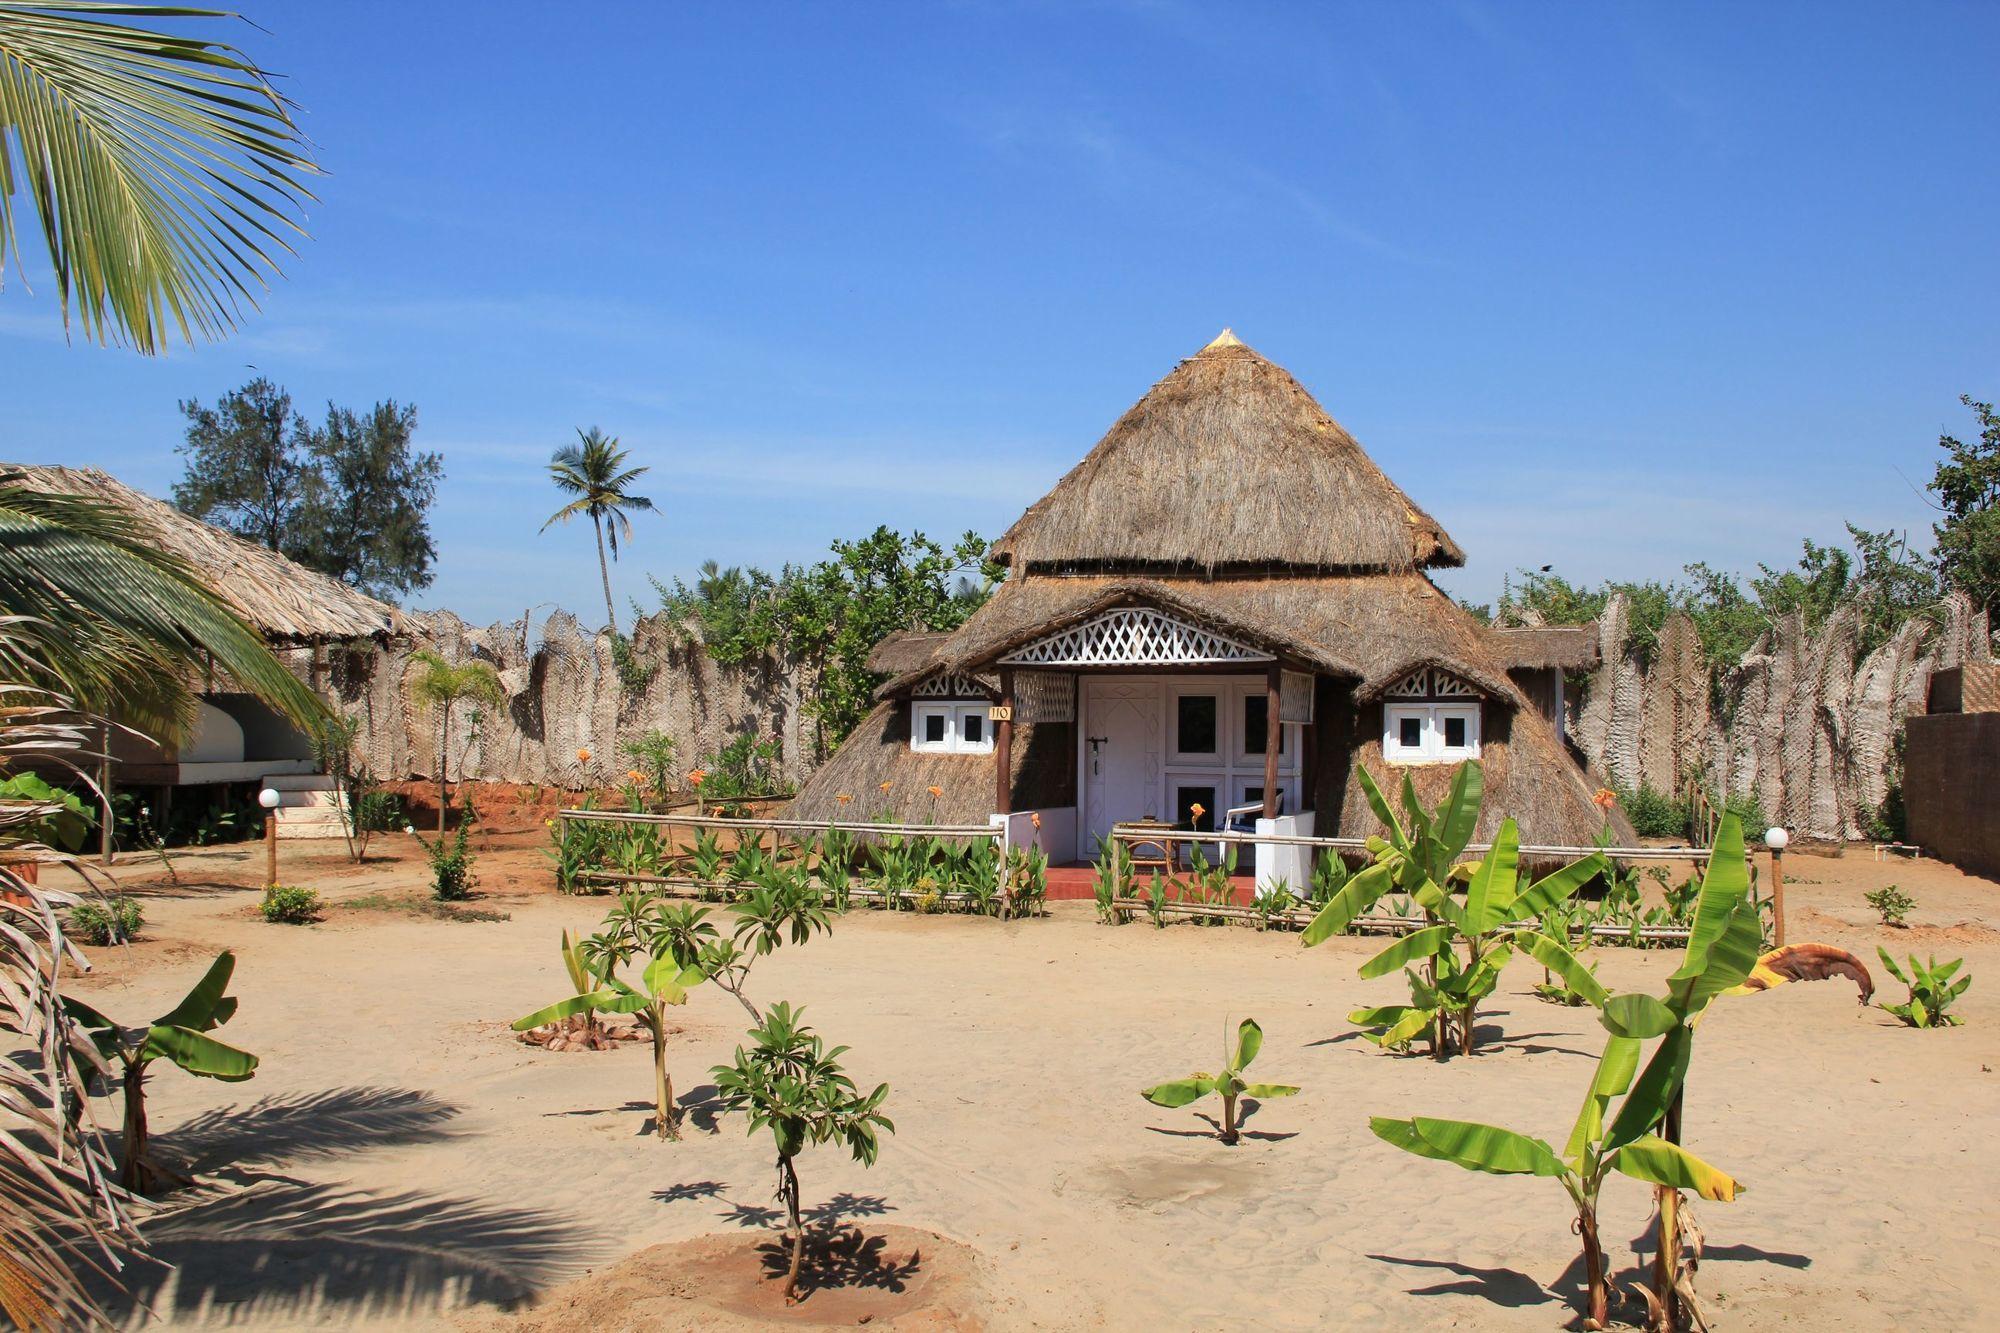 Когда и как лучше всего «отлавливать» дешевые путевки в Индию